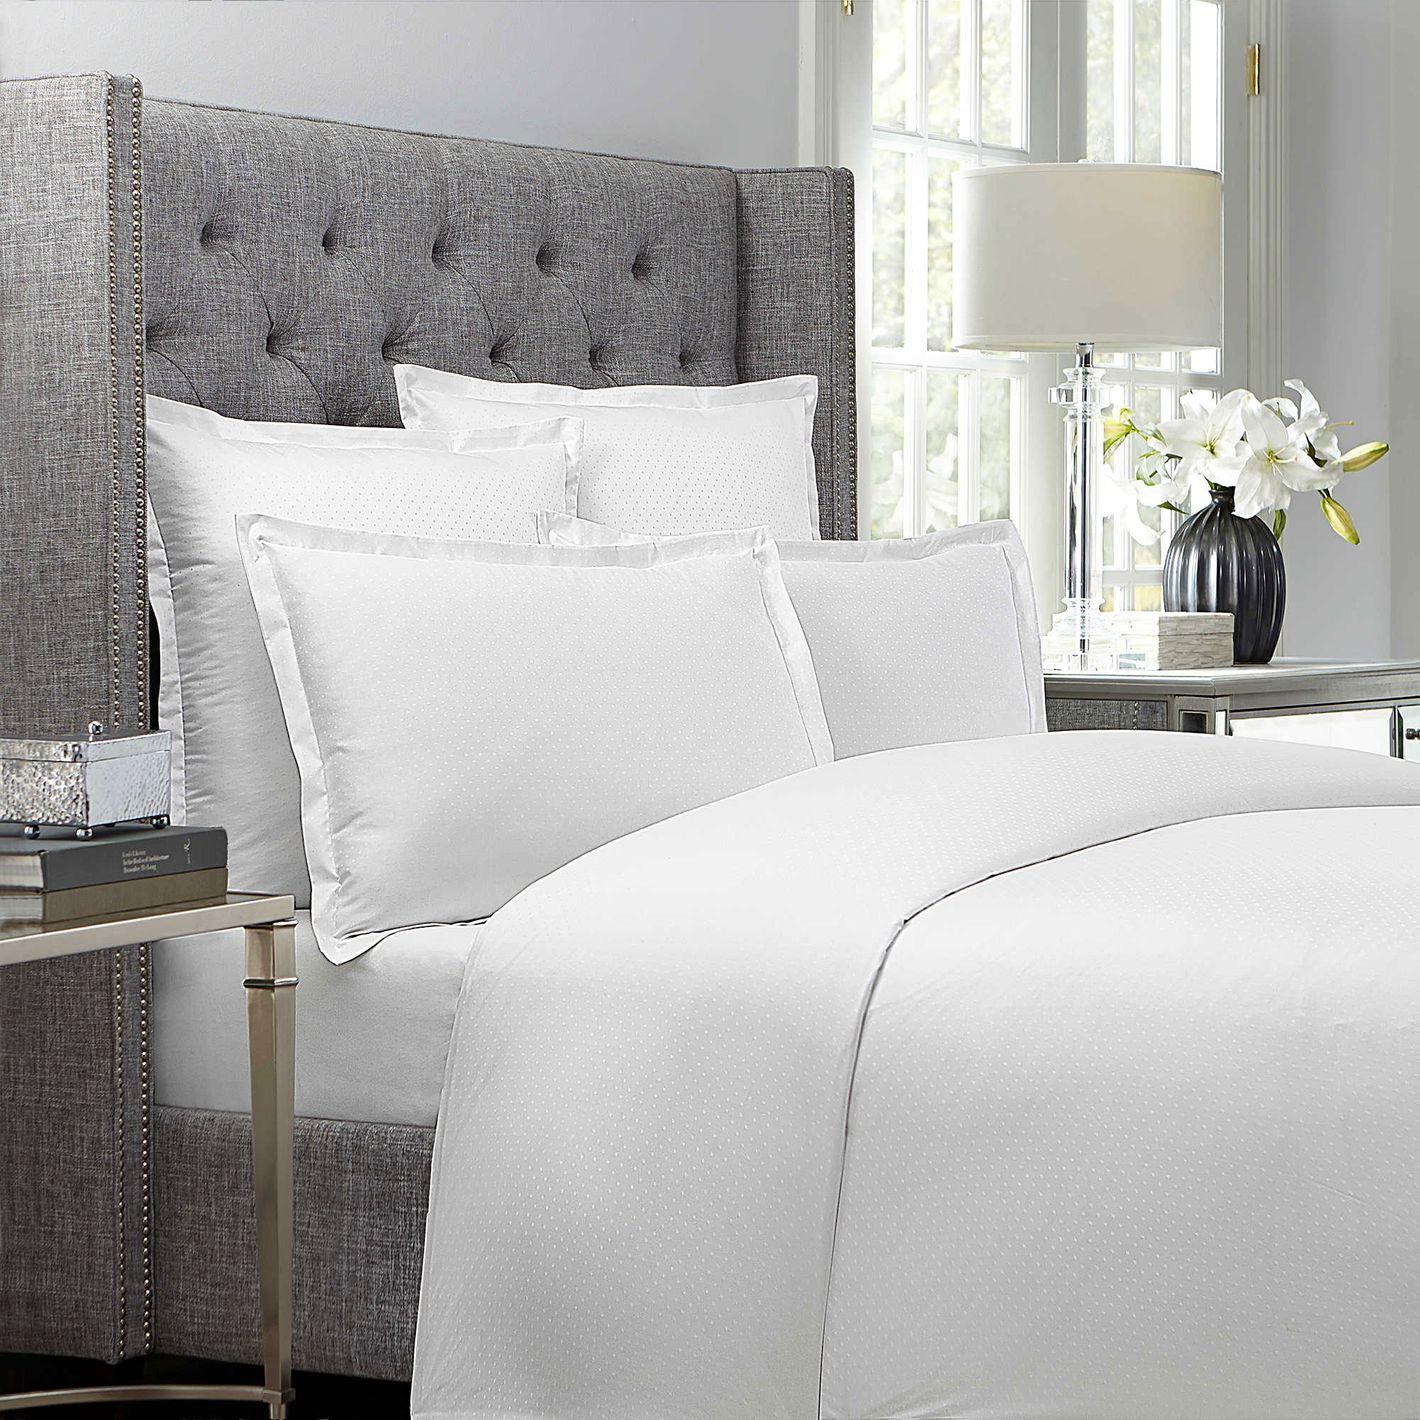 Wamsutta 620-Thread-Count Dot Duvet Cover in White